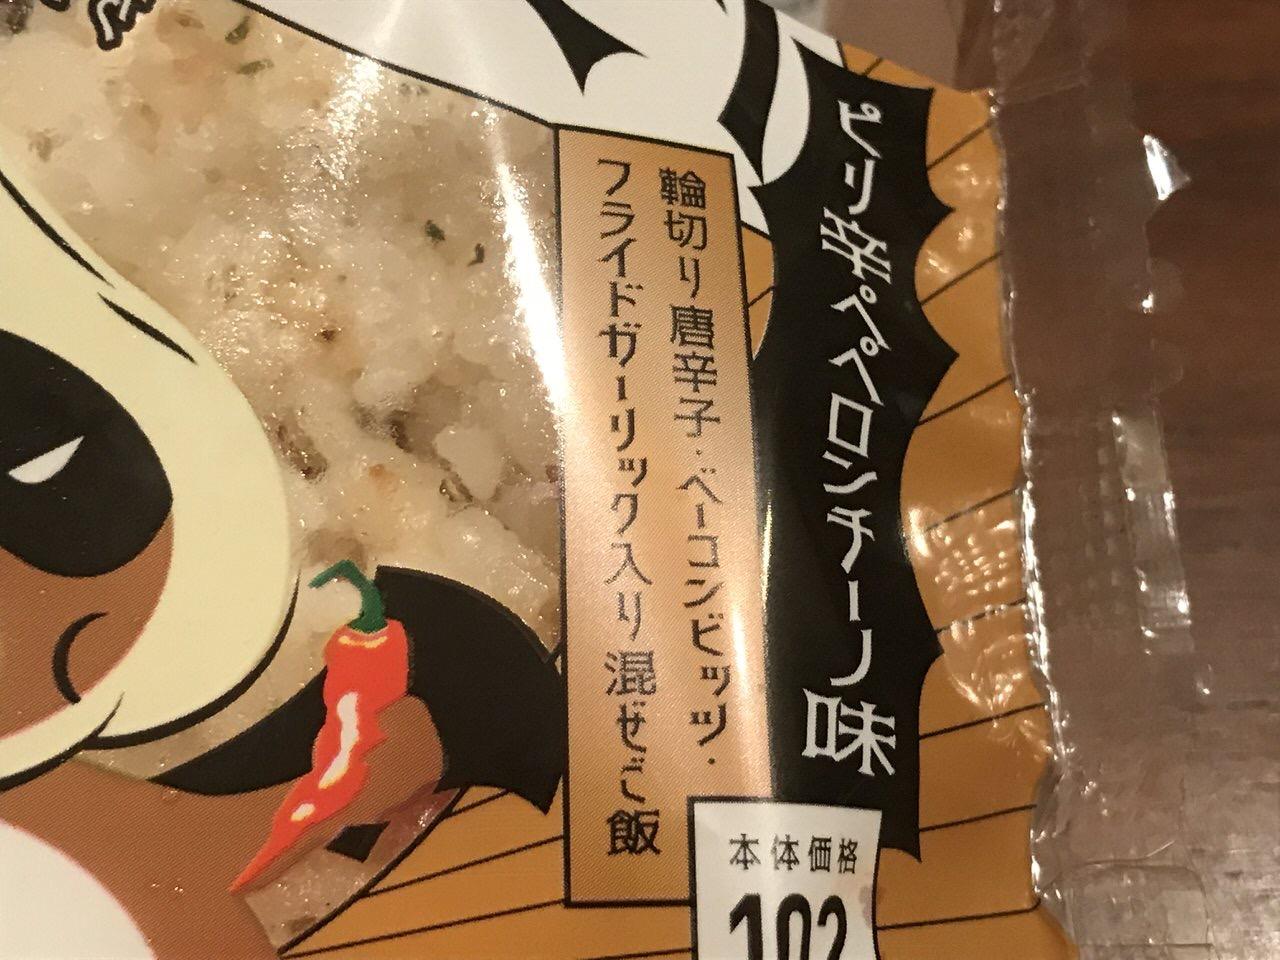 「悪魔のおにぎり ピリ辛ペペロンチーノ味」1